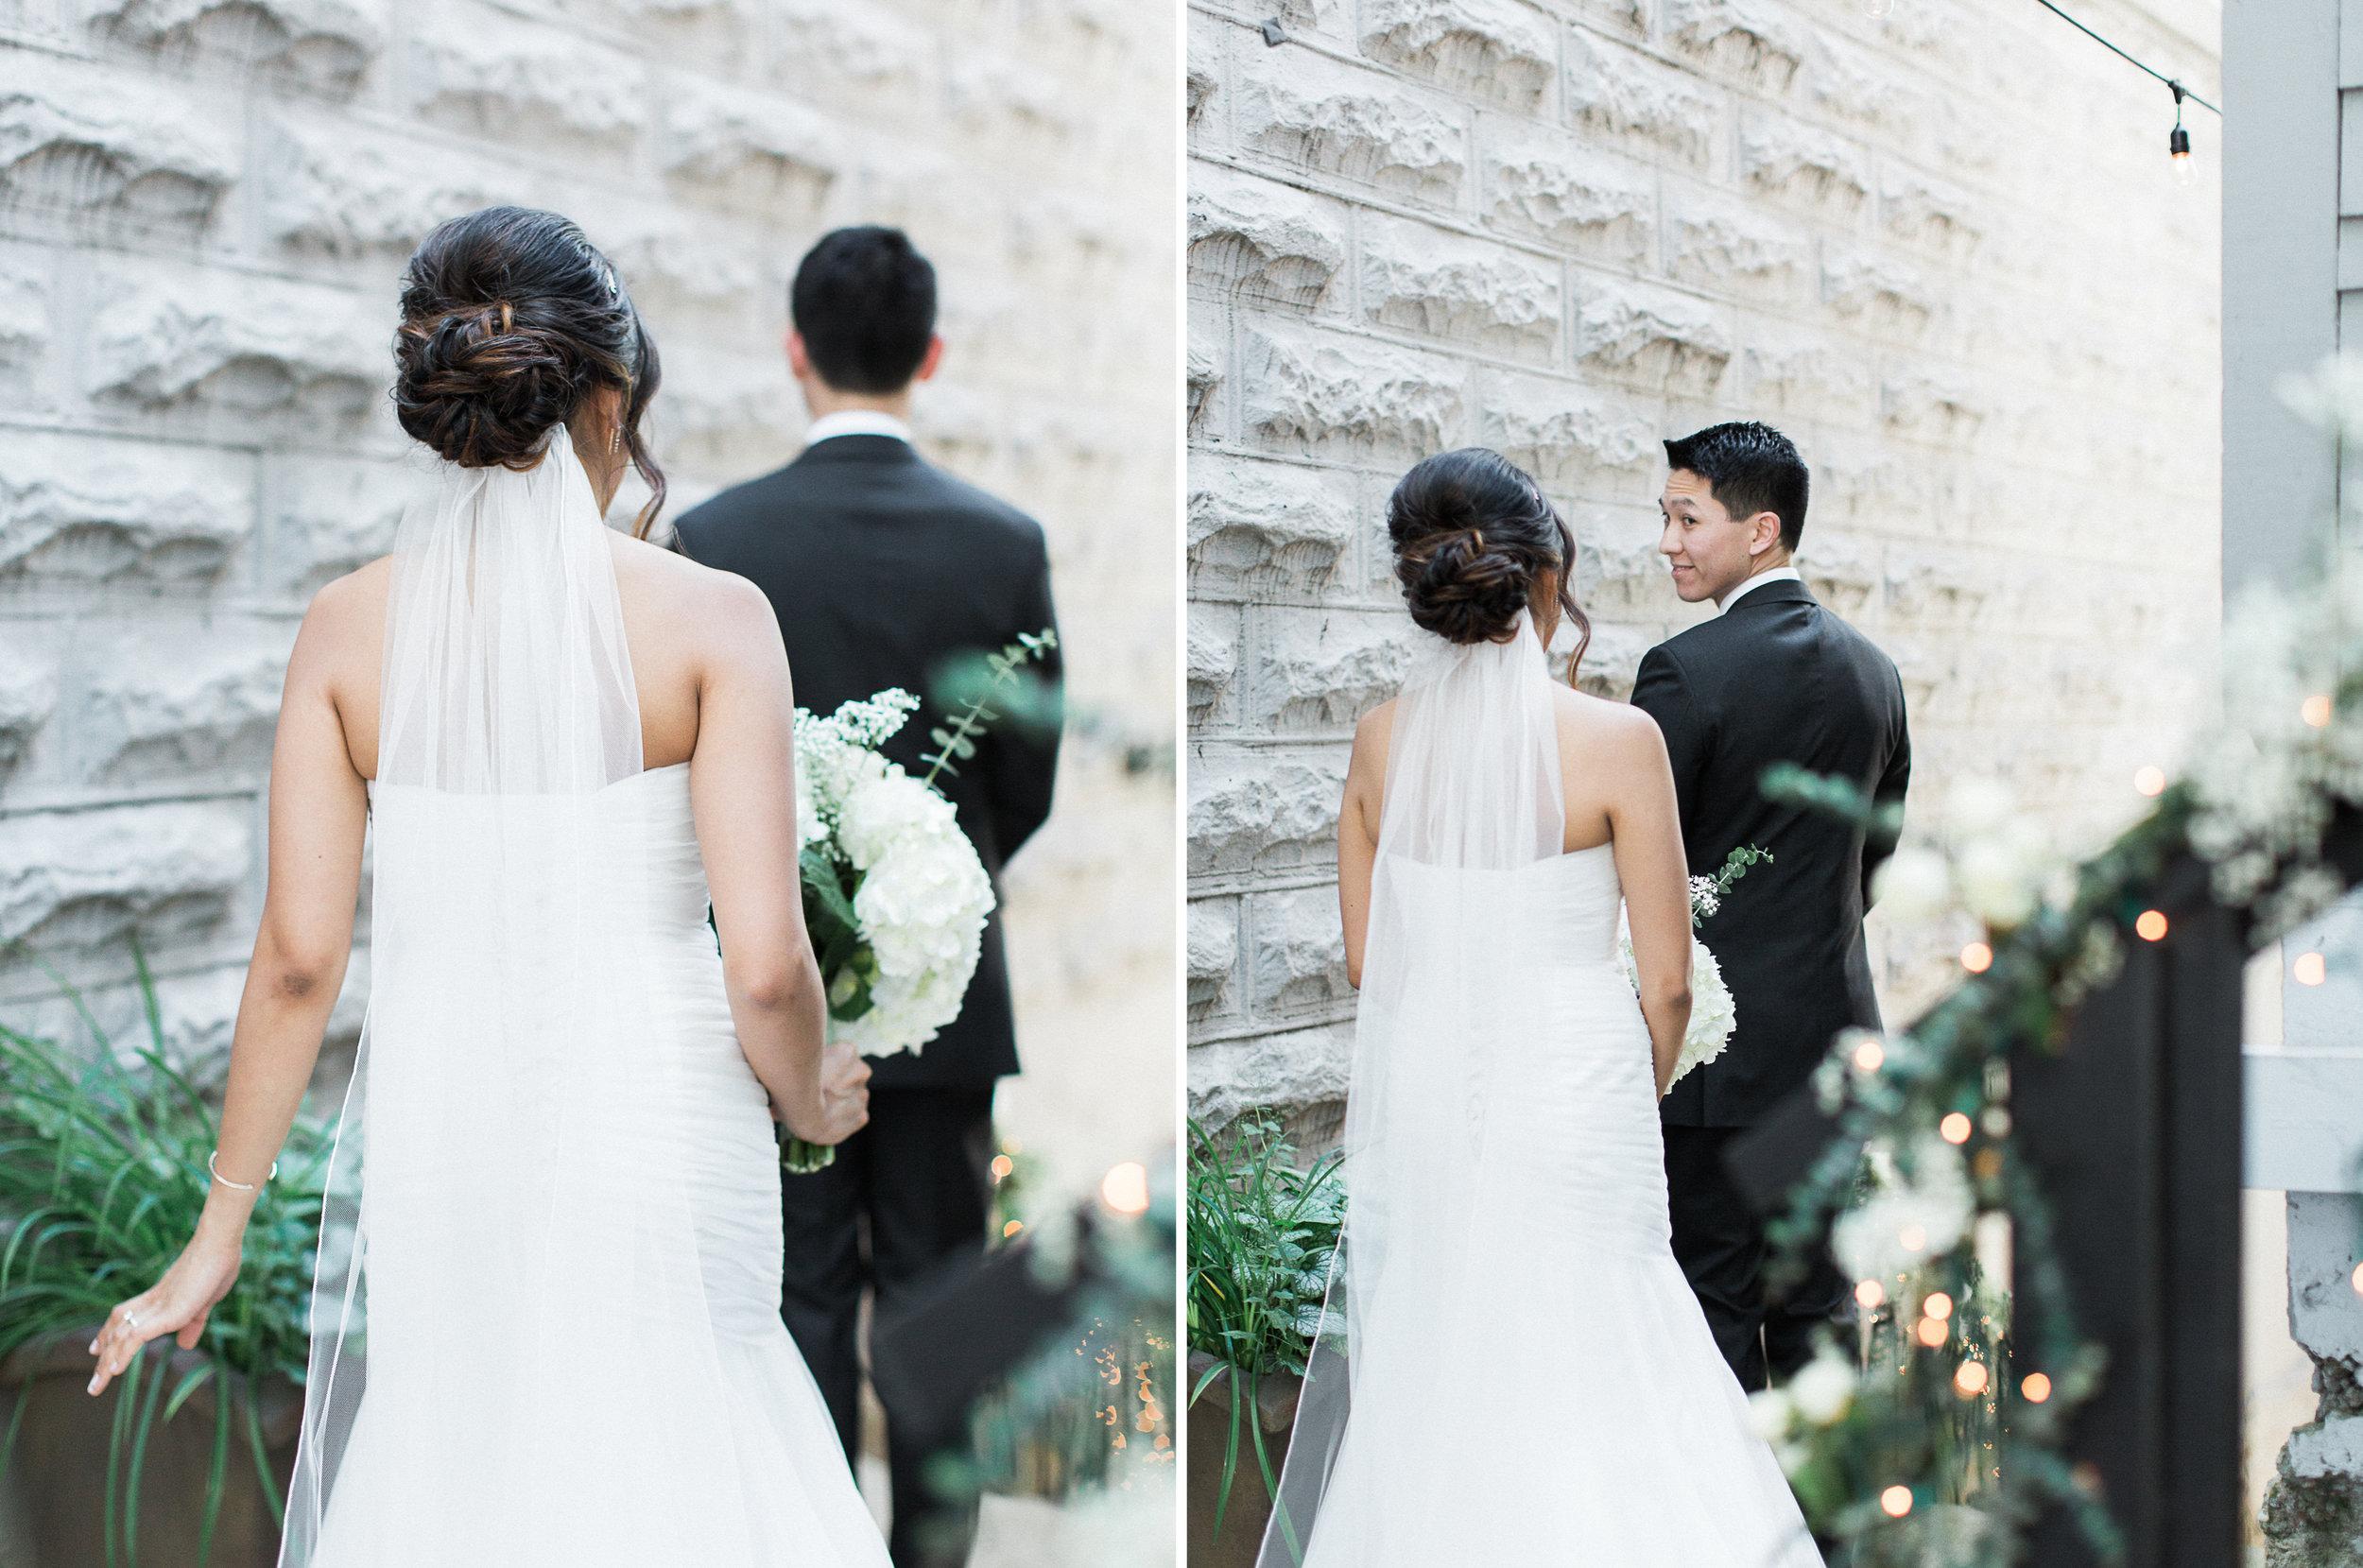 opal-28-urban-portland-greenery-wedding-6.jpg